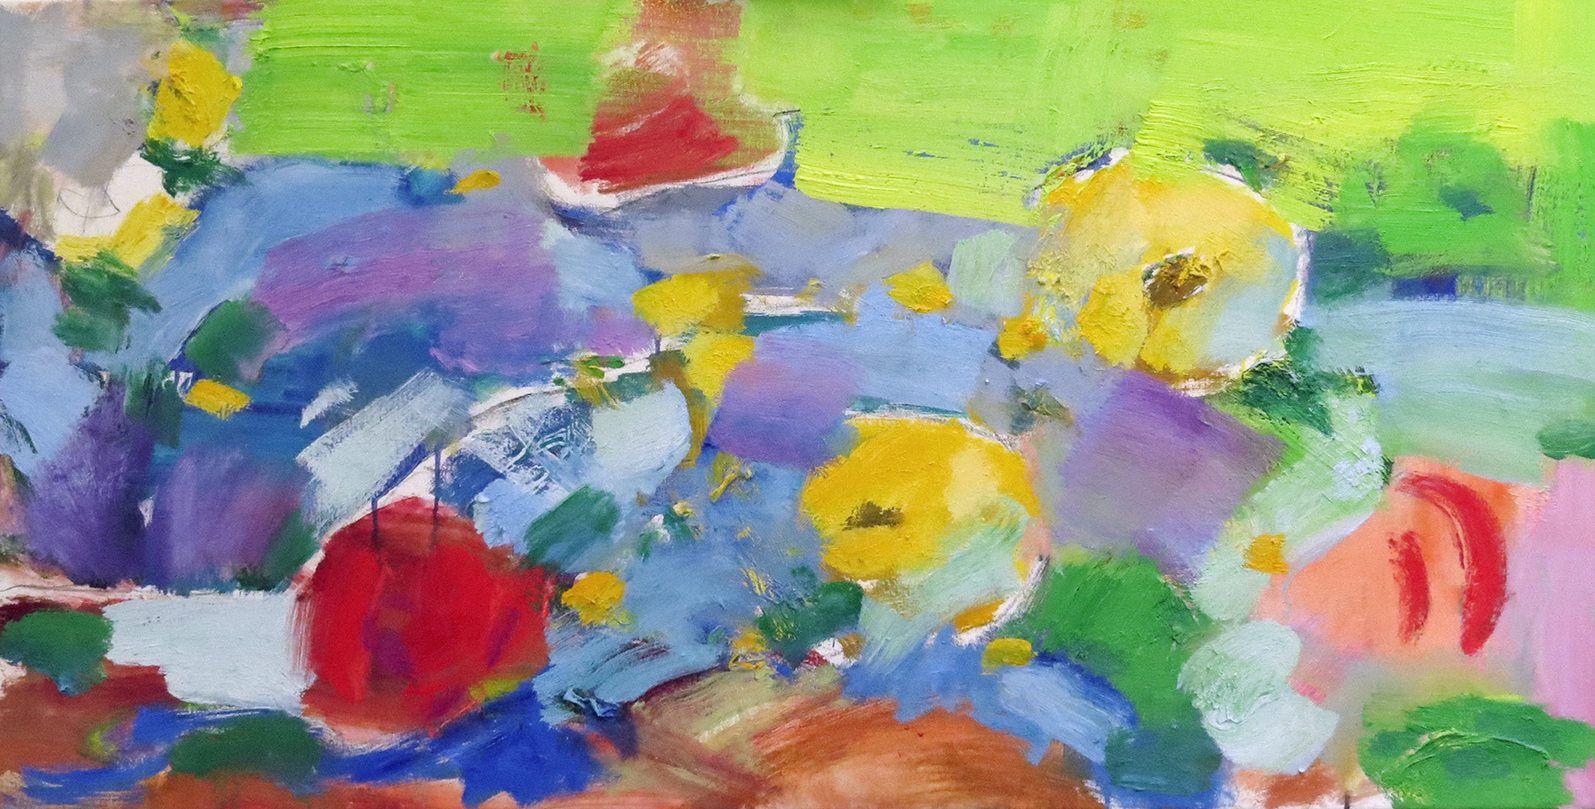 068-garden-images-20x40-oil by John Sirois